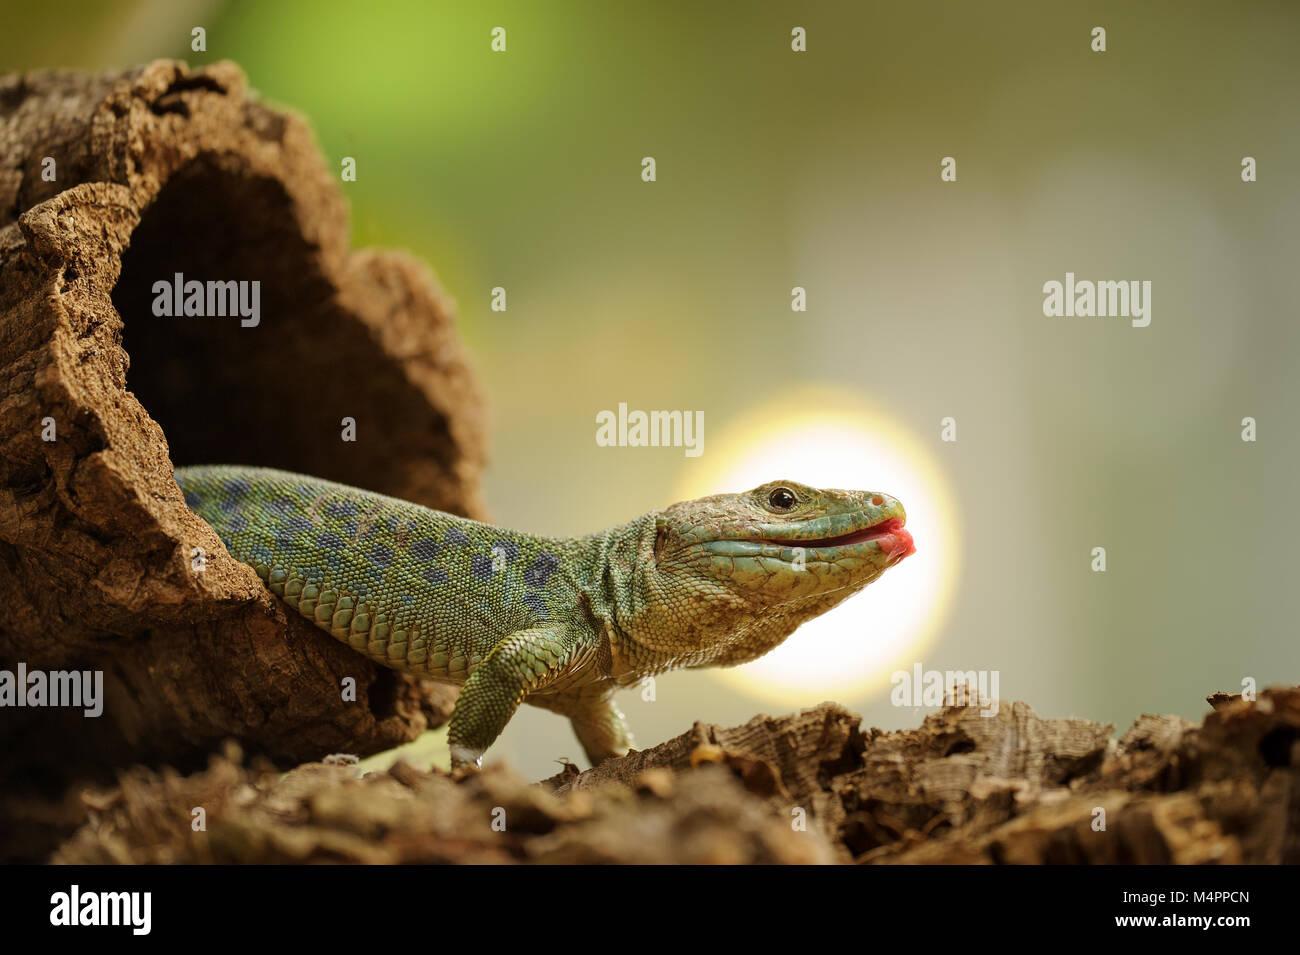 Ocellated lizard trepar fuera del agujero de árbol Imagen De Stock